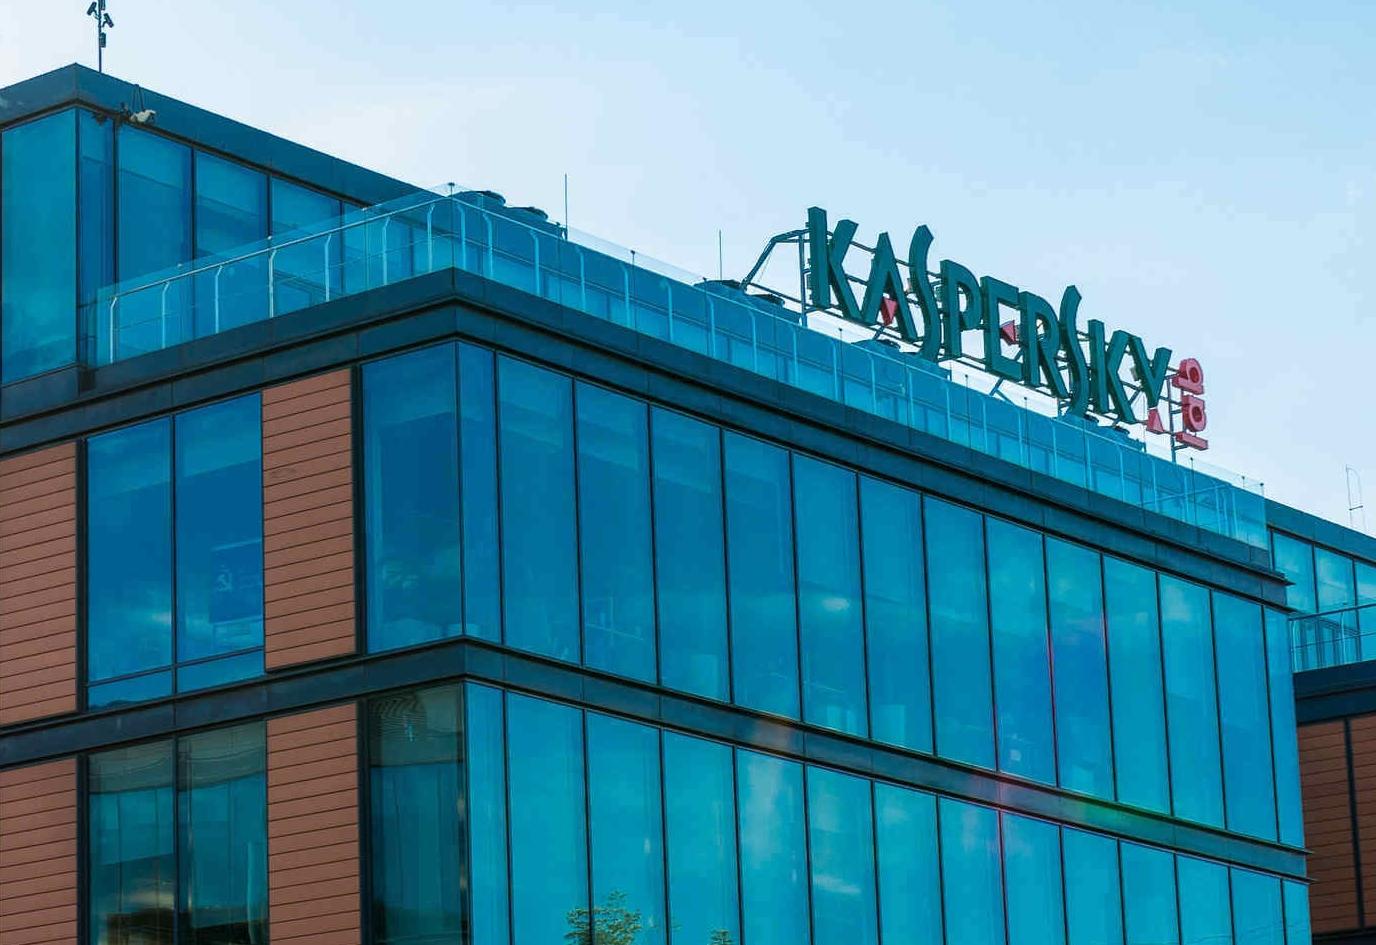 Niederländische Regierung schmeißt Kaspersky raus